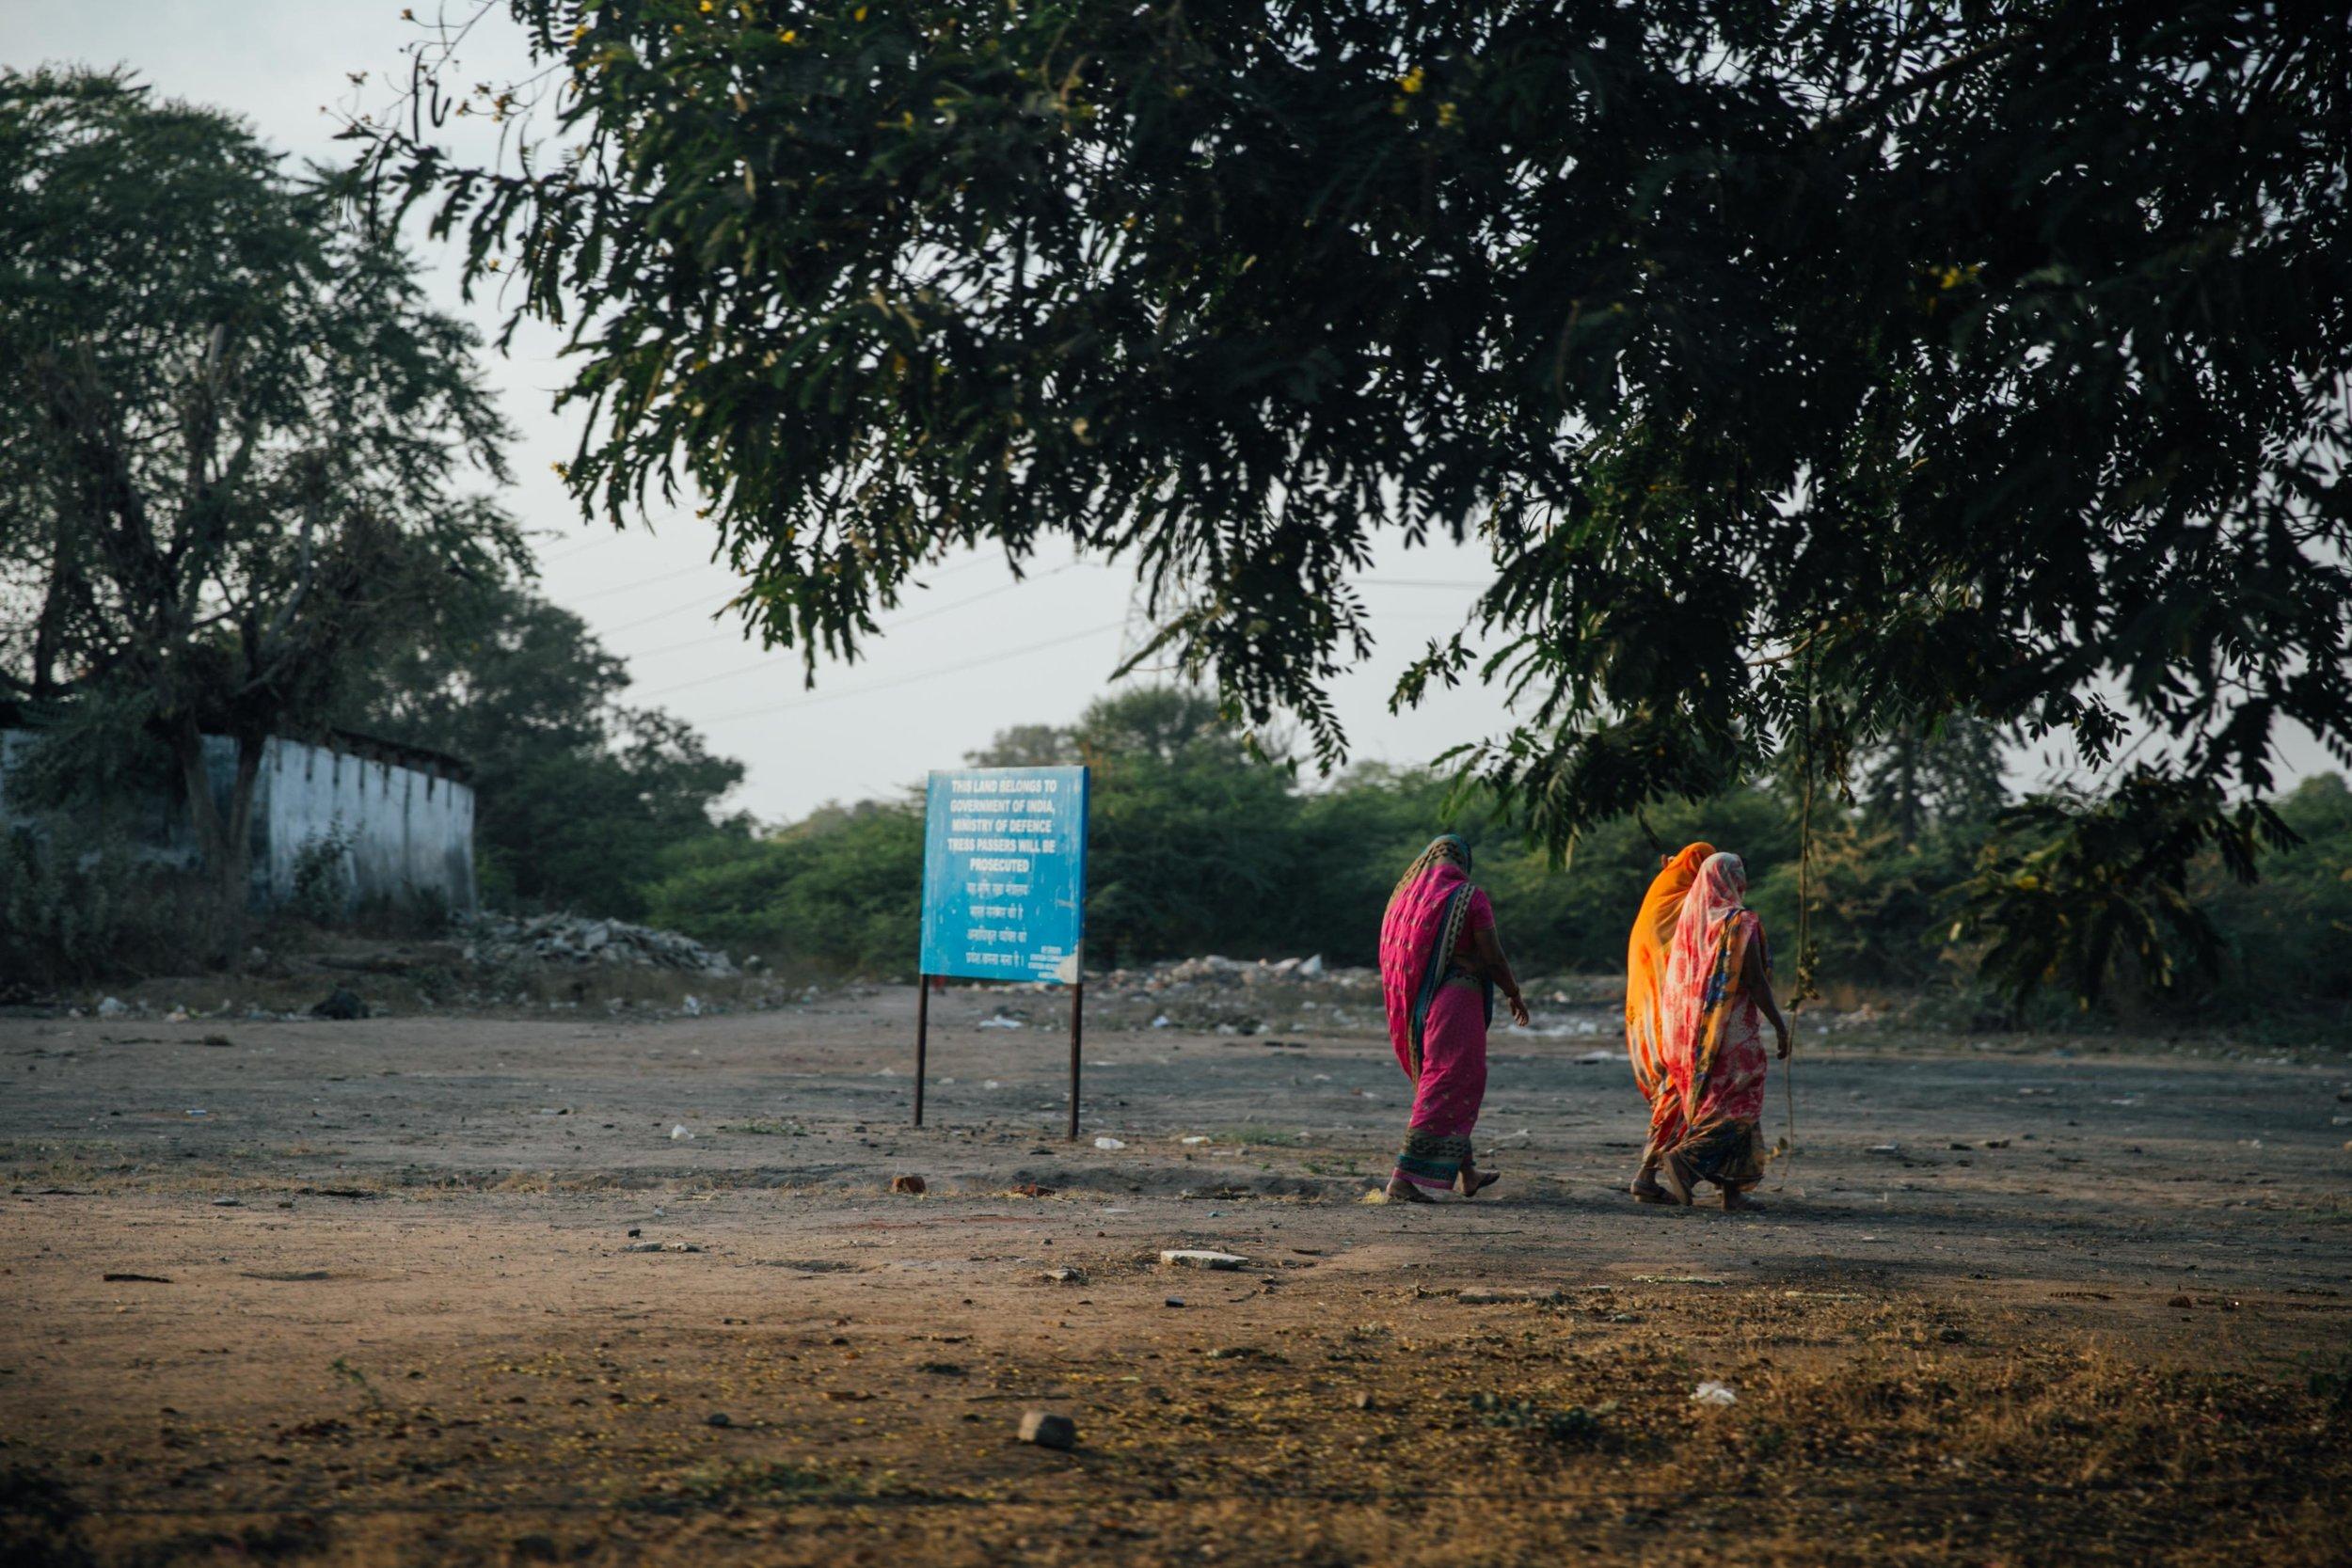 Women walking sunset India